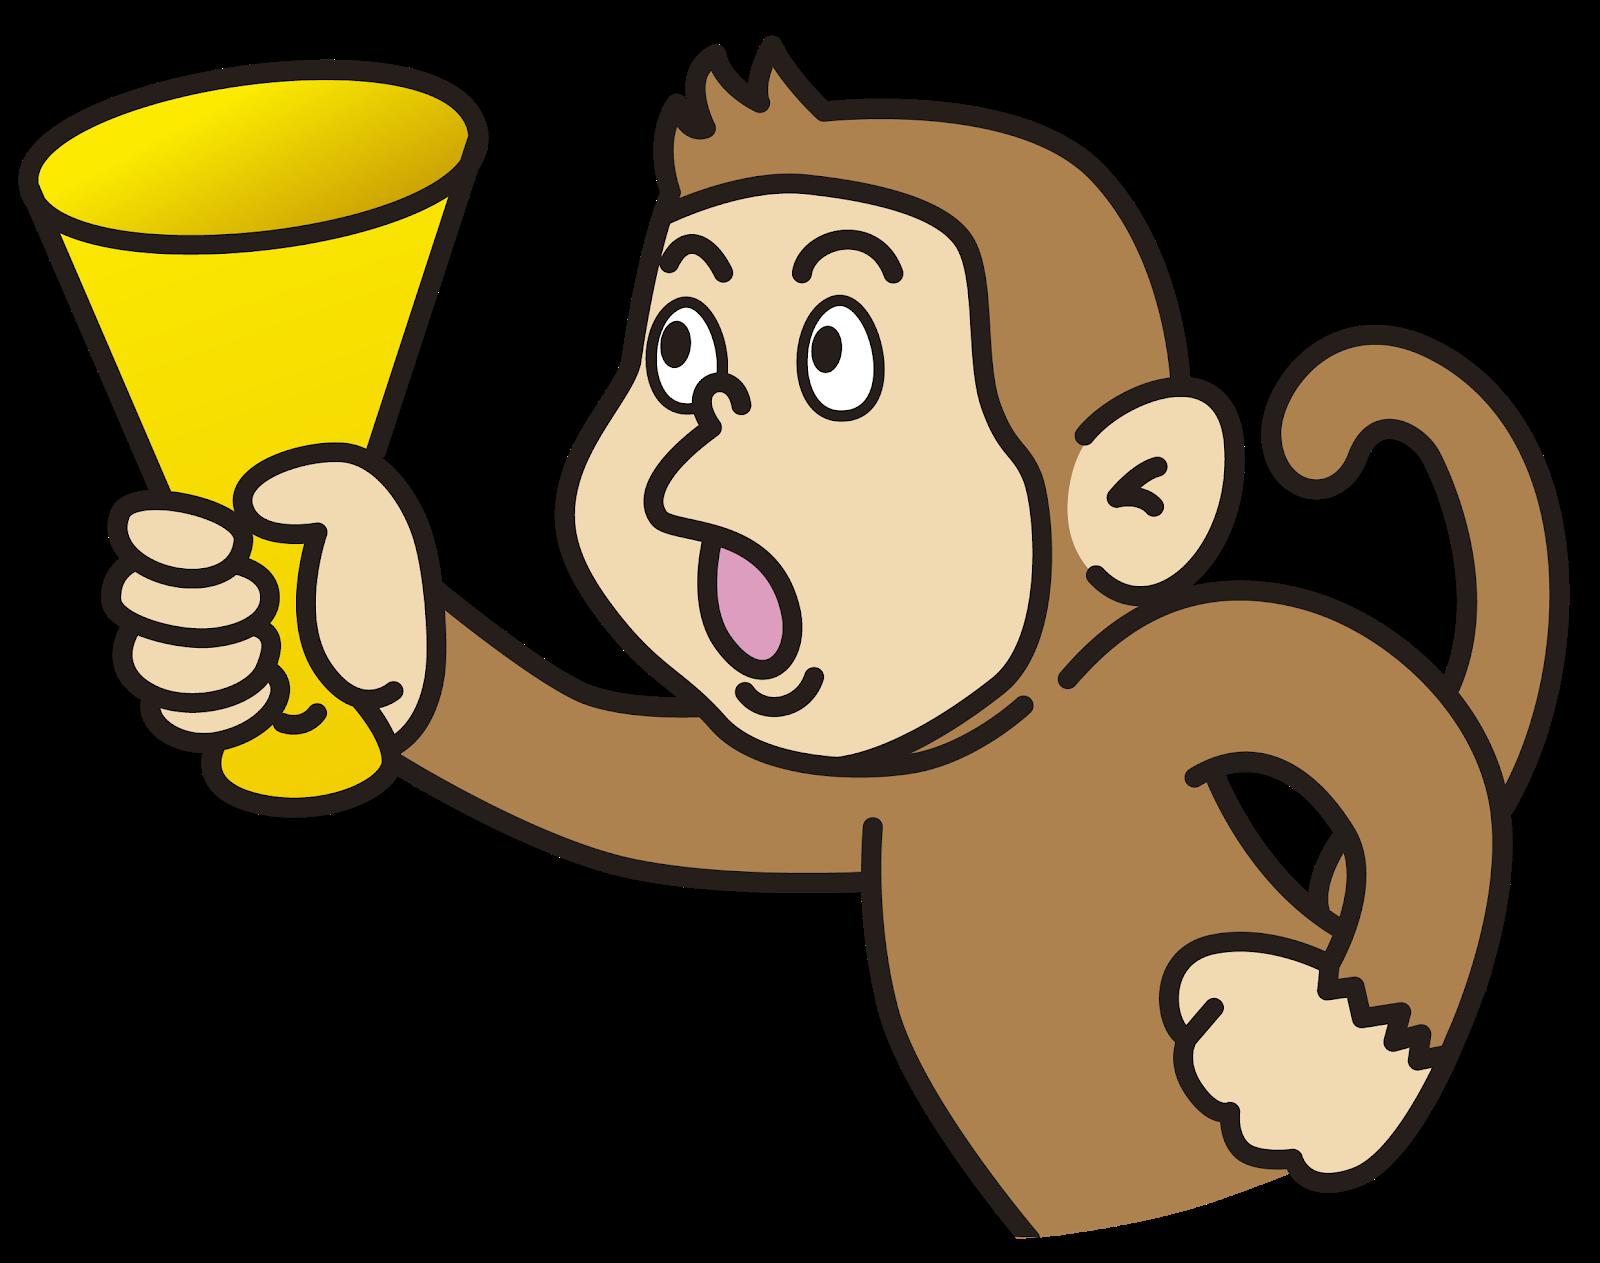 日々のイラスト メガホンを持って叫ぶお猿さんのイラスト